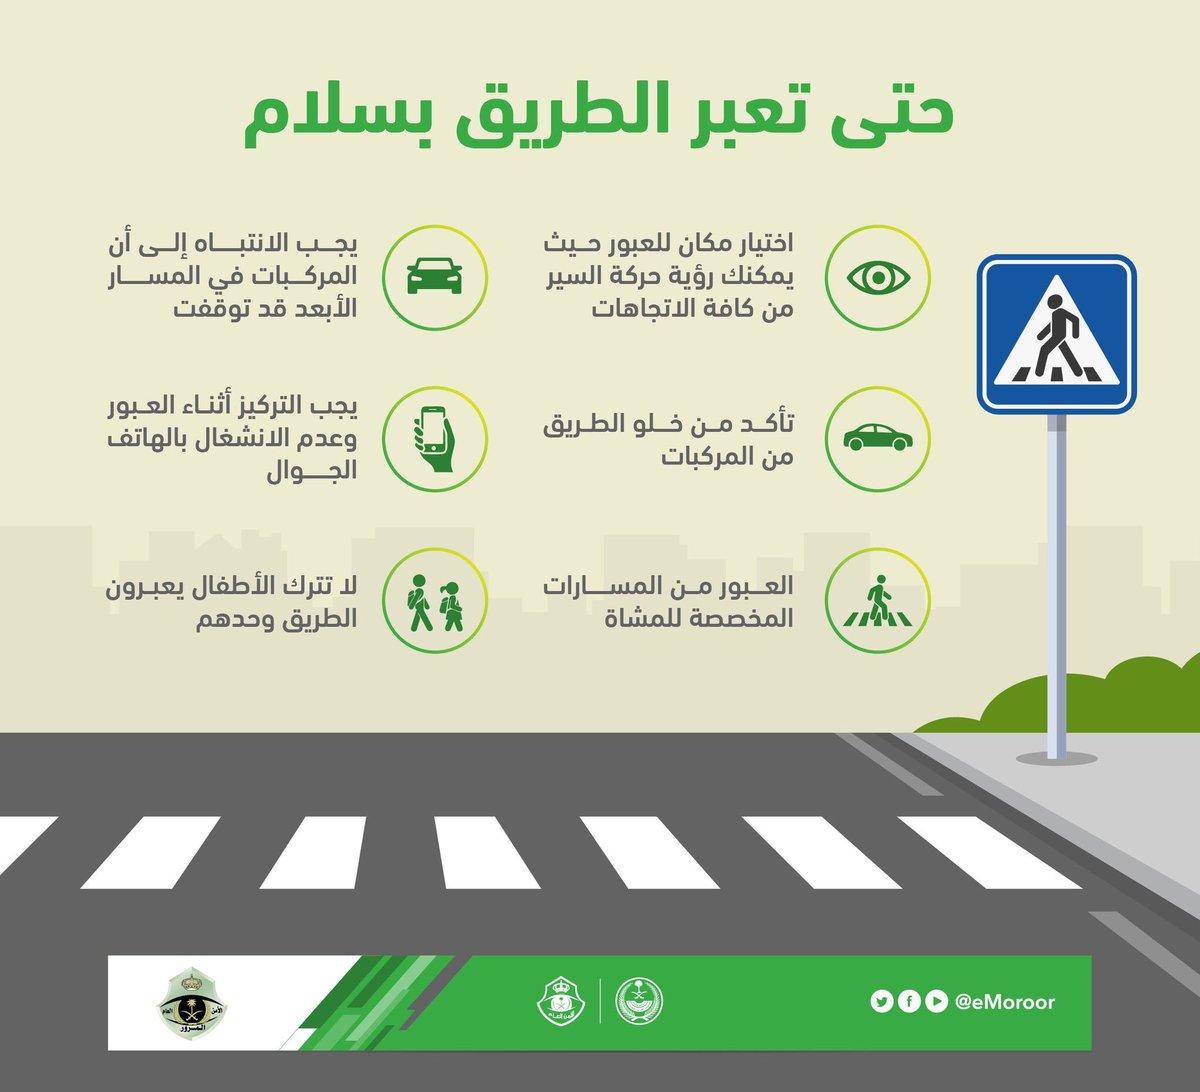 """""""المرور"""":  عند عبور الشارع اختر مكانًا يمكنك منه رؤية حركة السير من كافة الاتجاهات."""